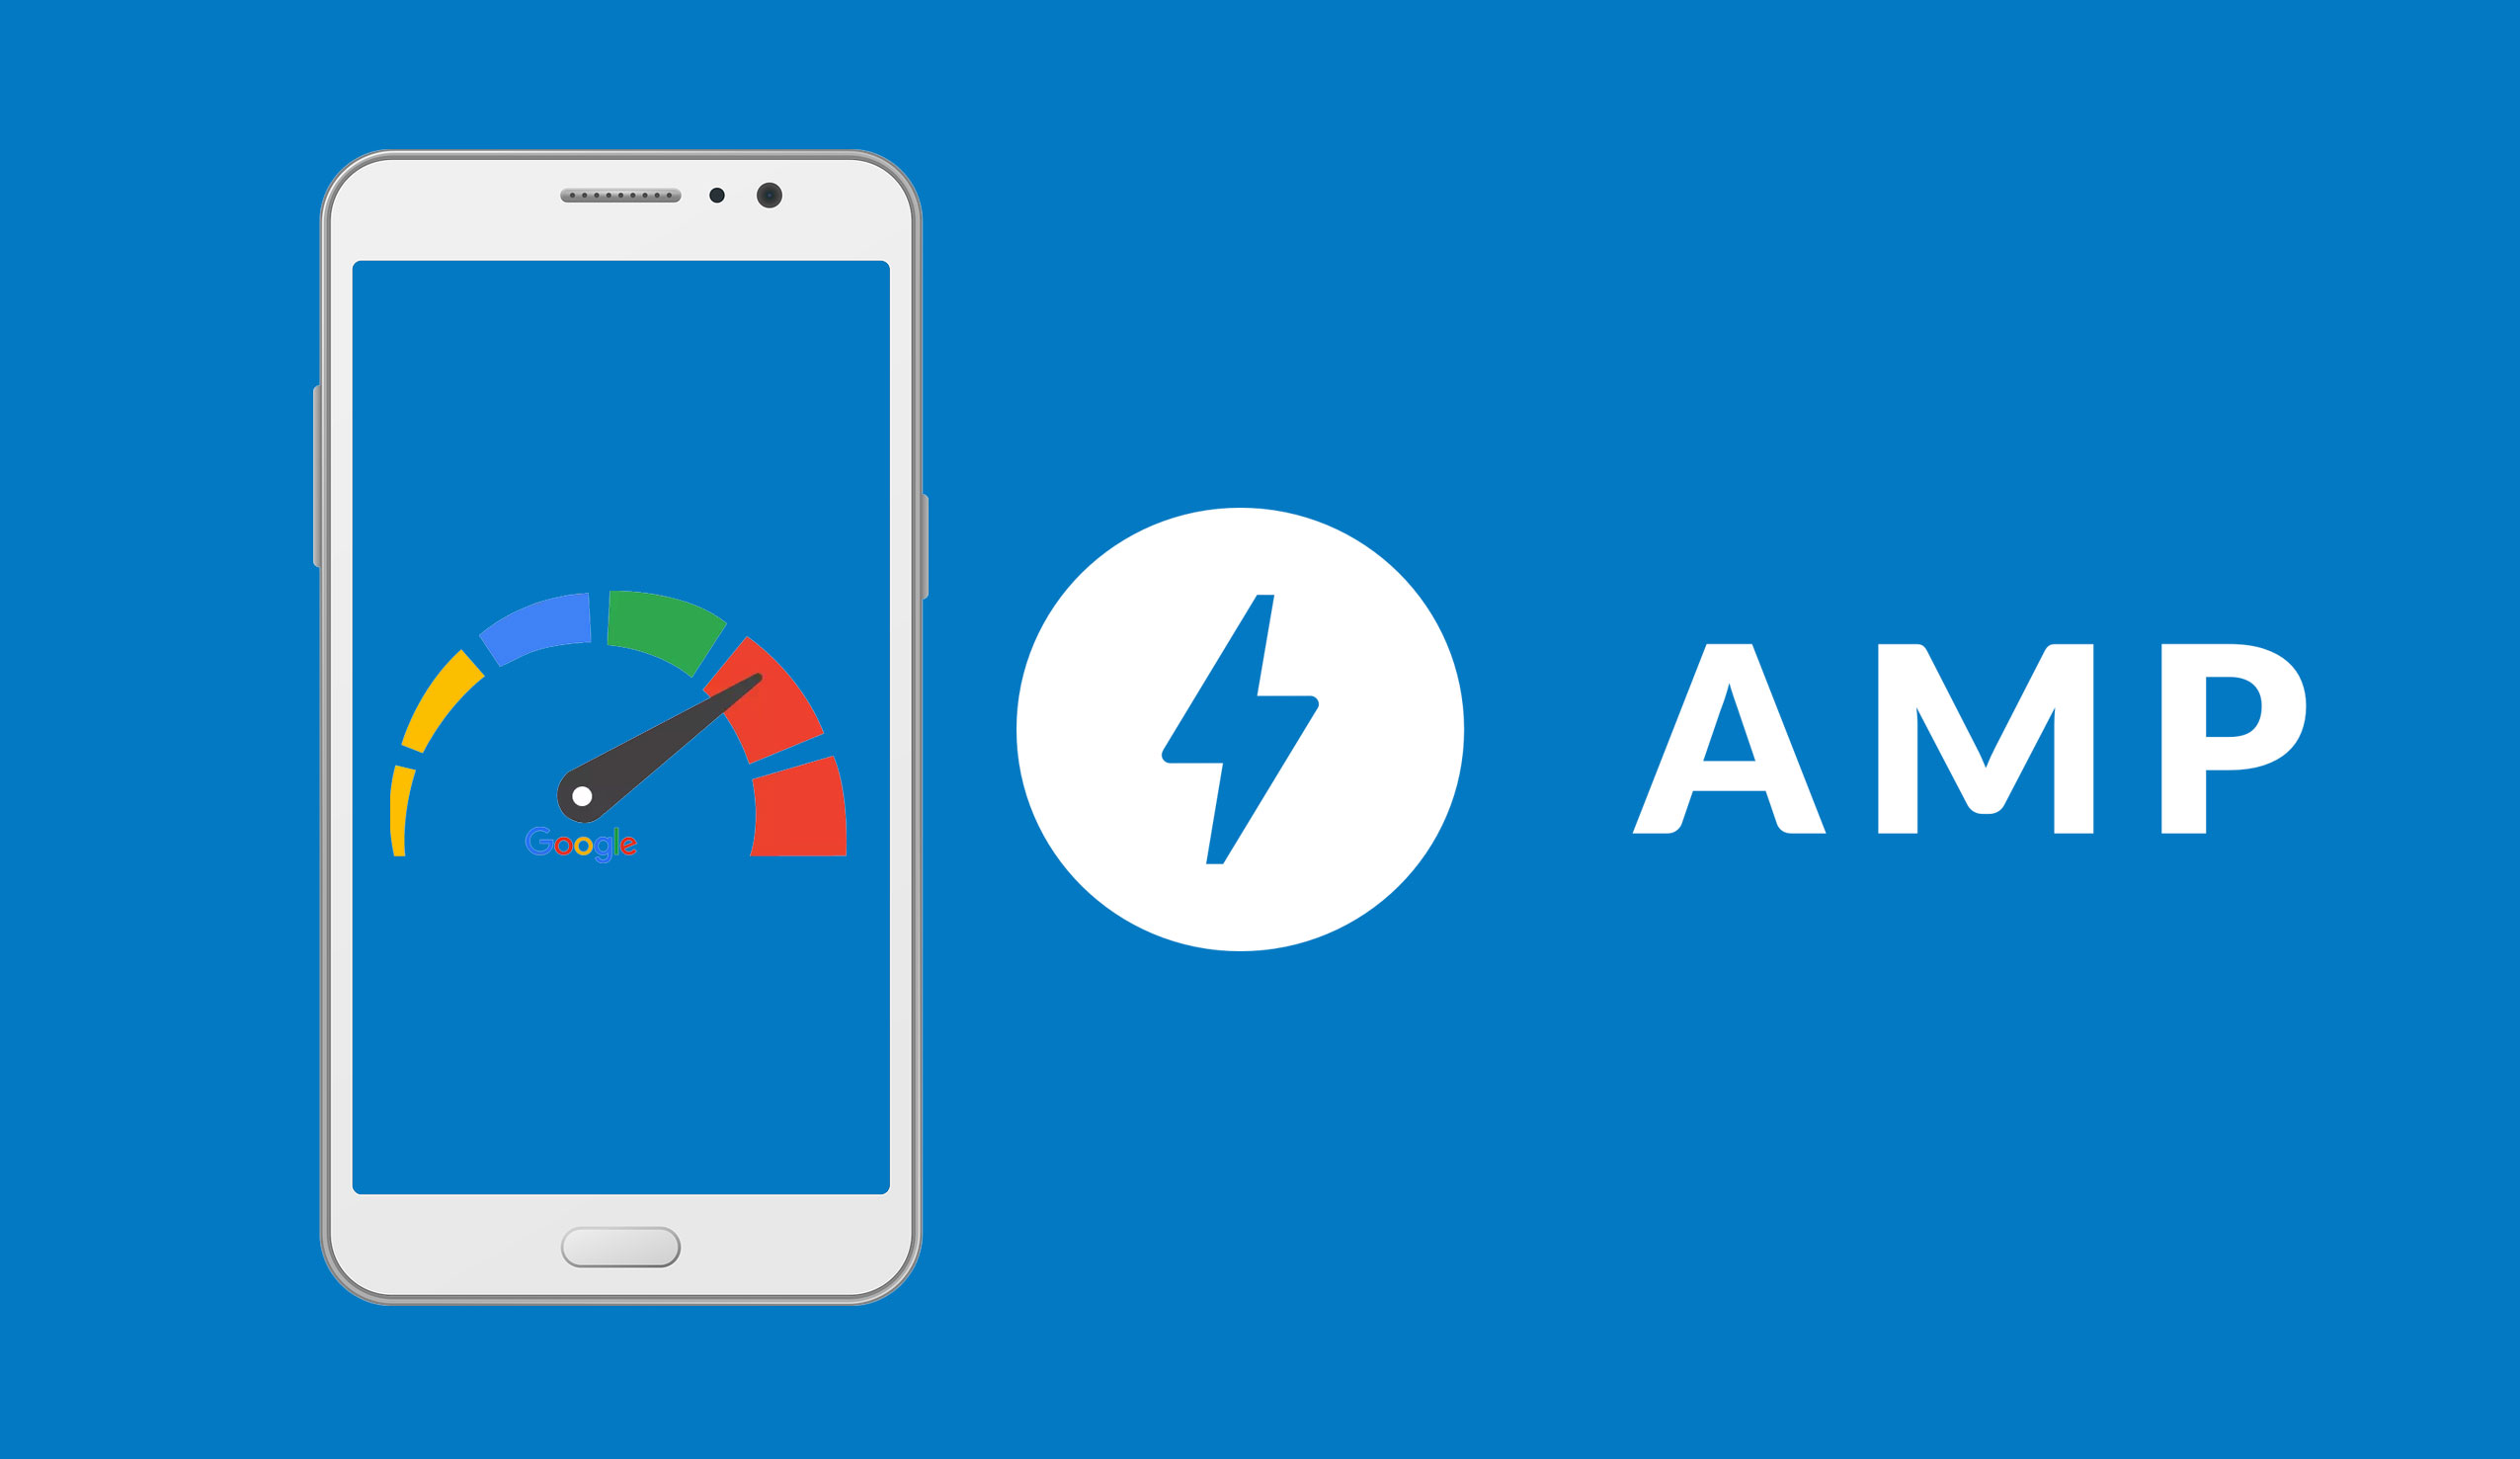 Cos'è il formato AMP? È utile per un e-commerce?